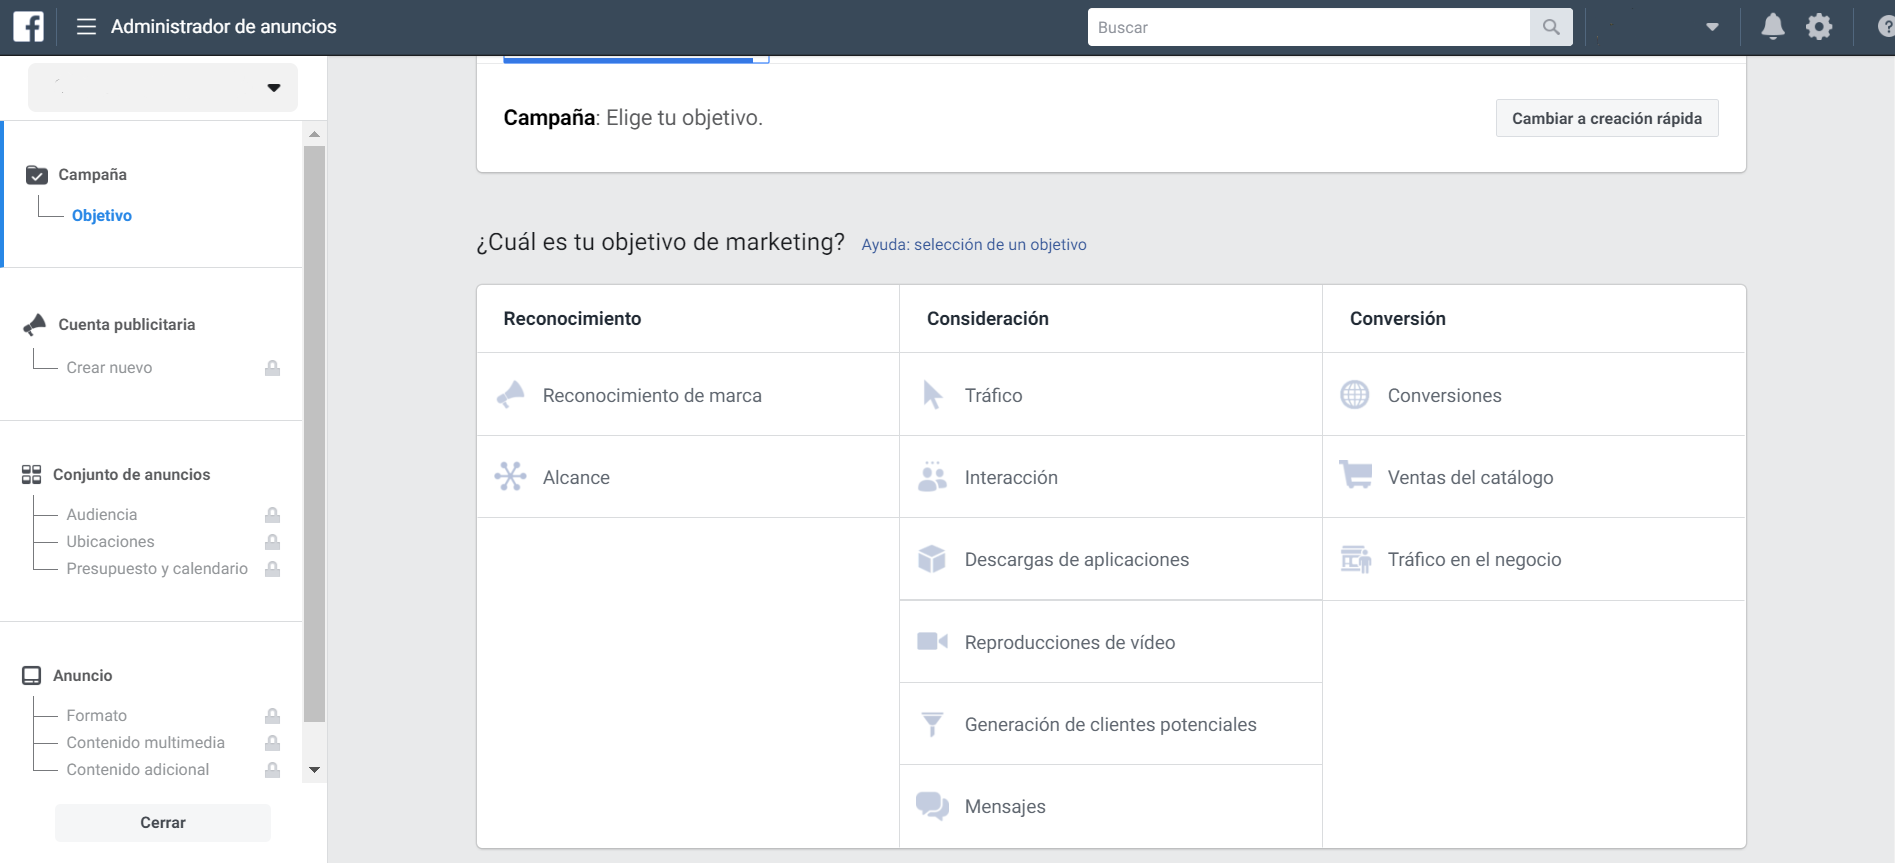 imagen 5 pasos para crear una cuenta de facebook ads